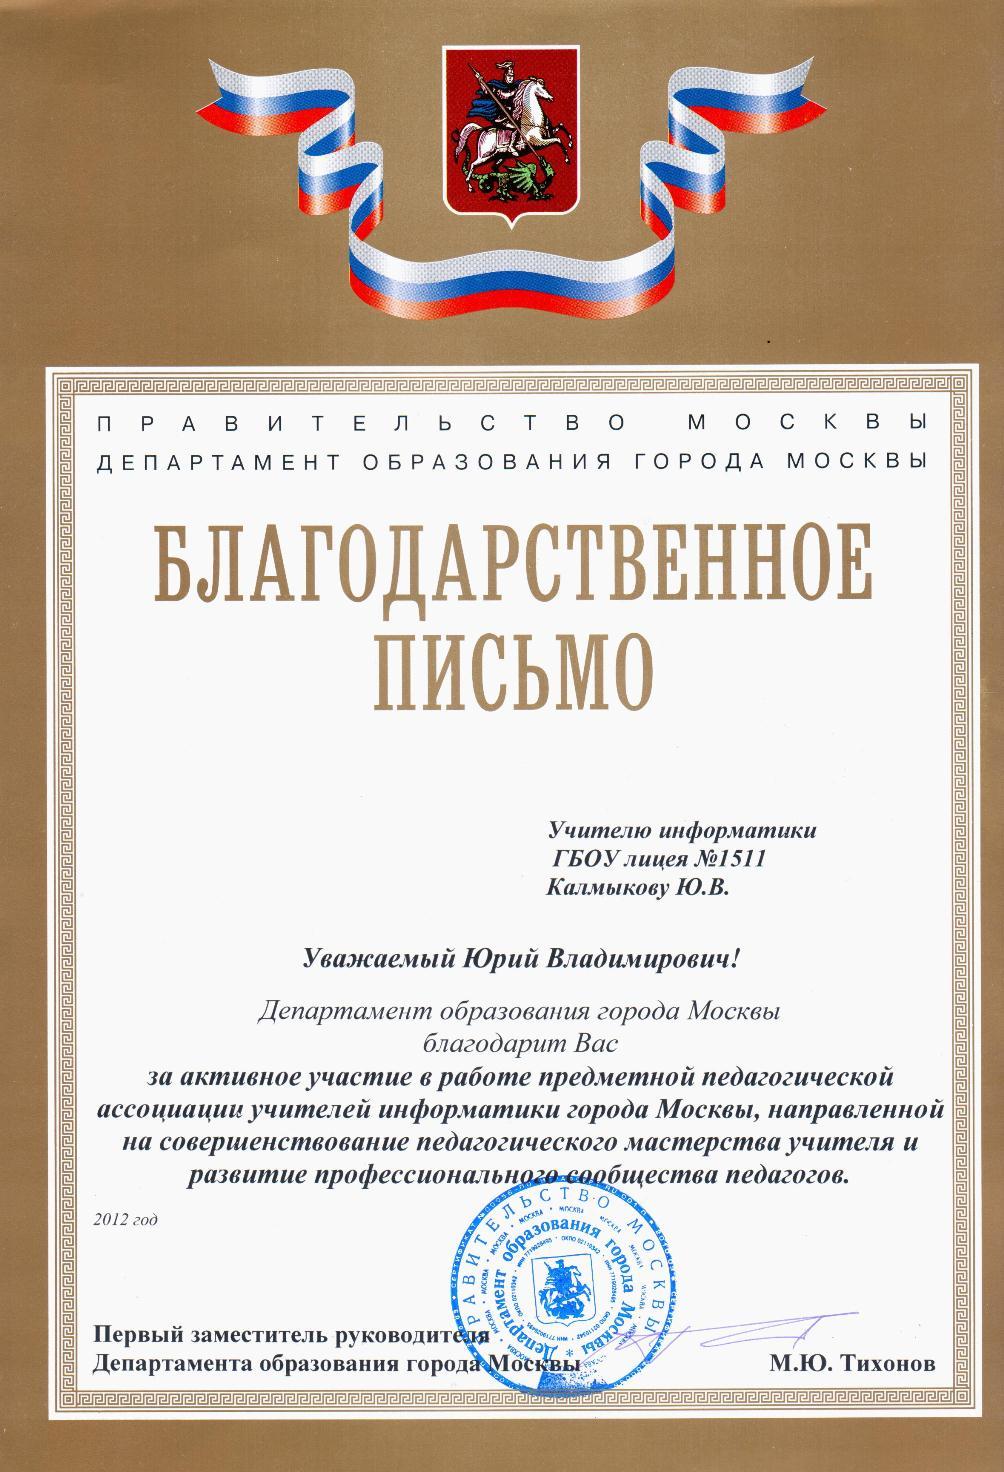 Калмыков Юрий Владимирович